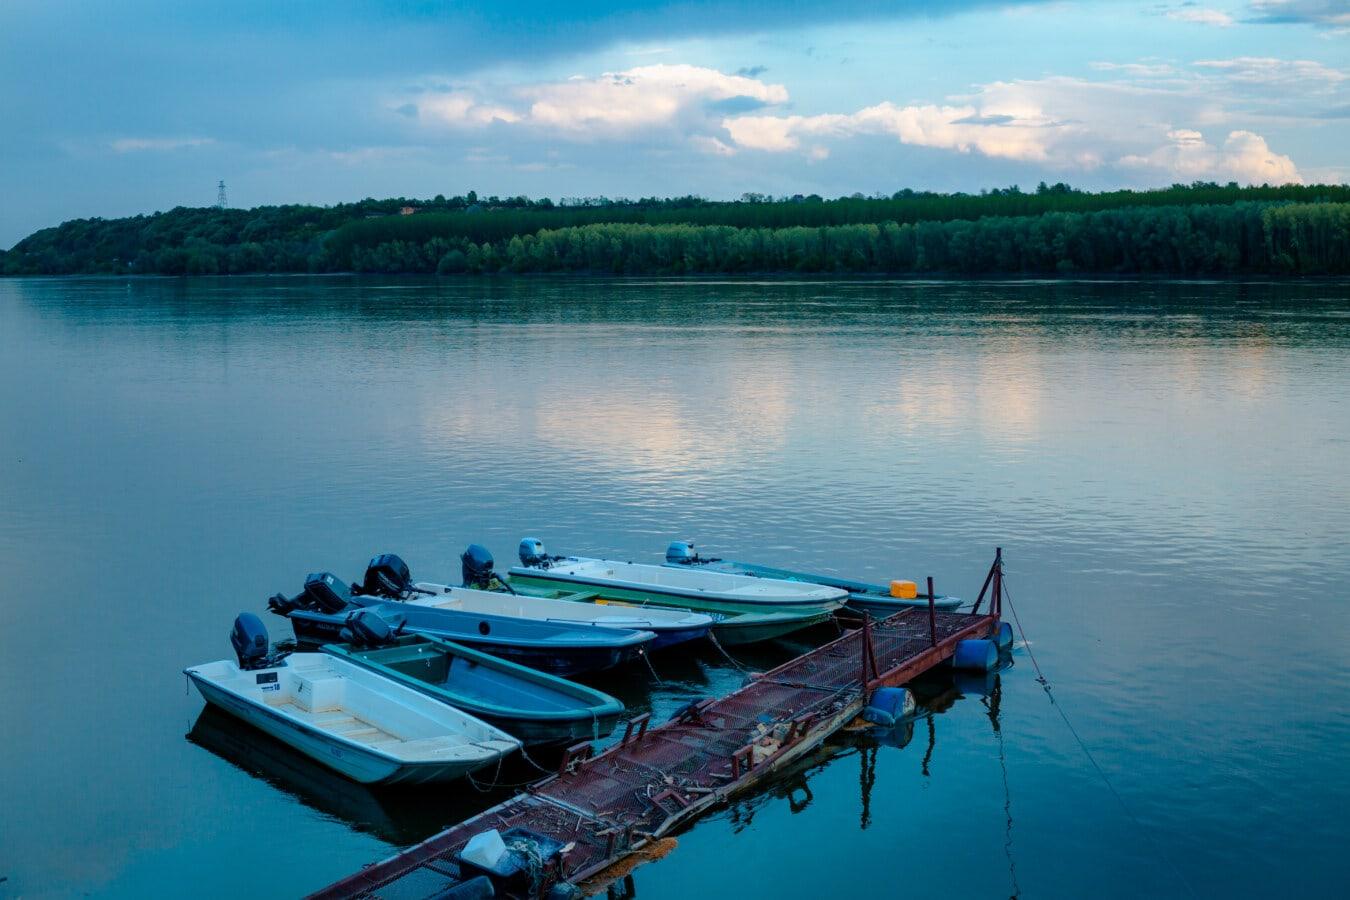 Hafen, Angelboot/Fischerboot, Dämmerung, Dämmerung, Danube, Boot, Wasser, See, Wasserfahrzeuge, Sommer